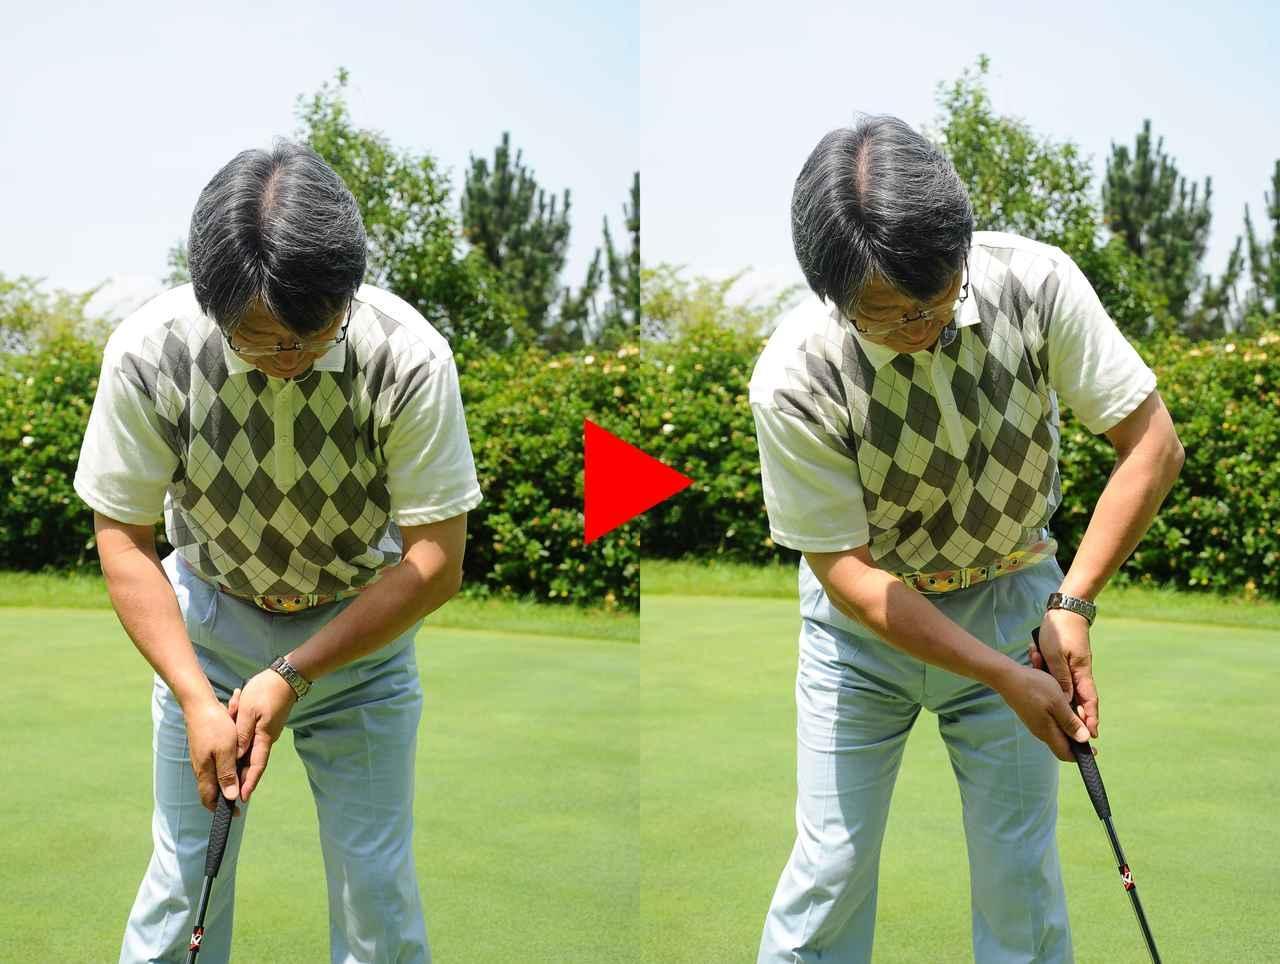 画像: 「通常の長さのパターで腕の五角形を保とうとすると、軌道がぶれやすい。肩やひじの関節がそれぞれ独立しているので、その形を保とうとすると、力が入るため。そういう人には中尺パターが合うはずです」